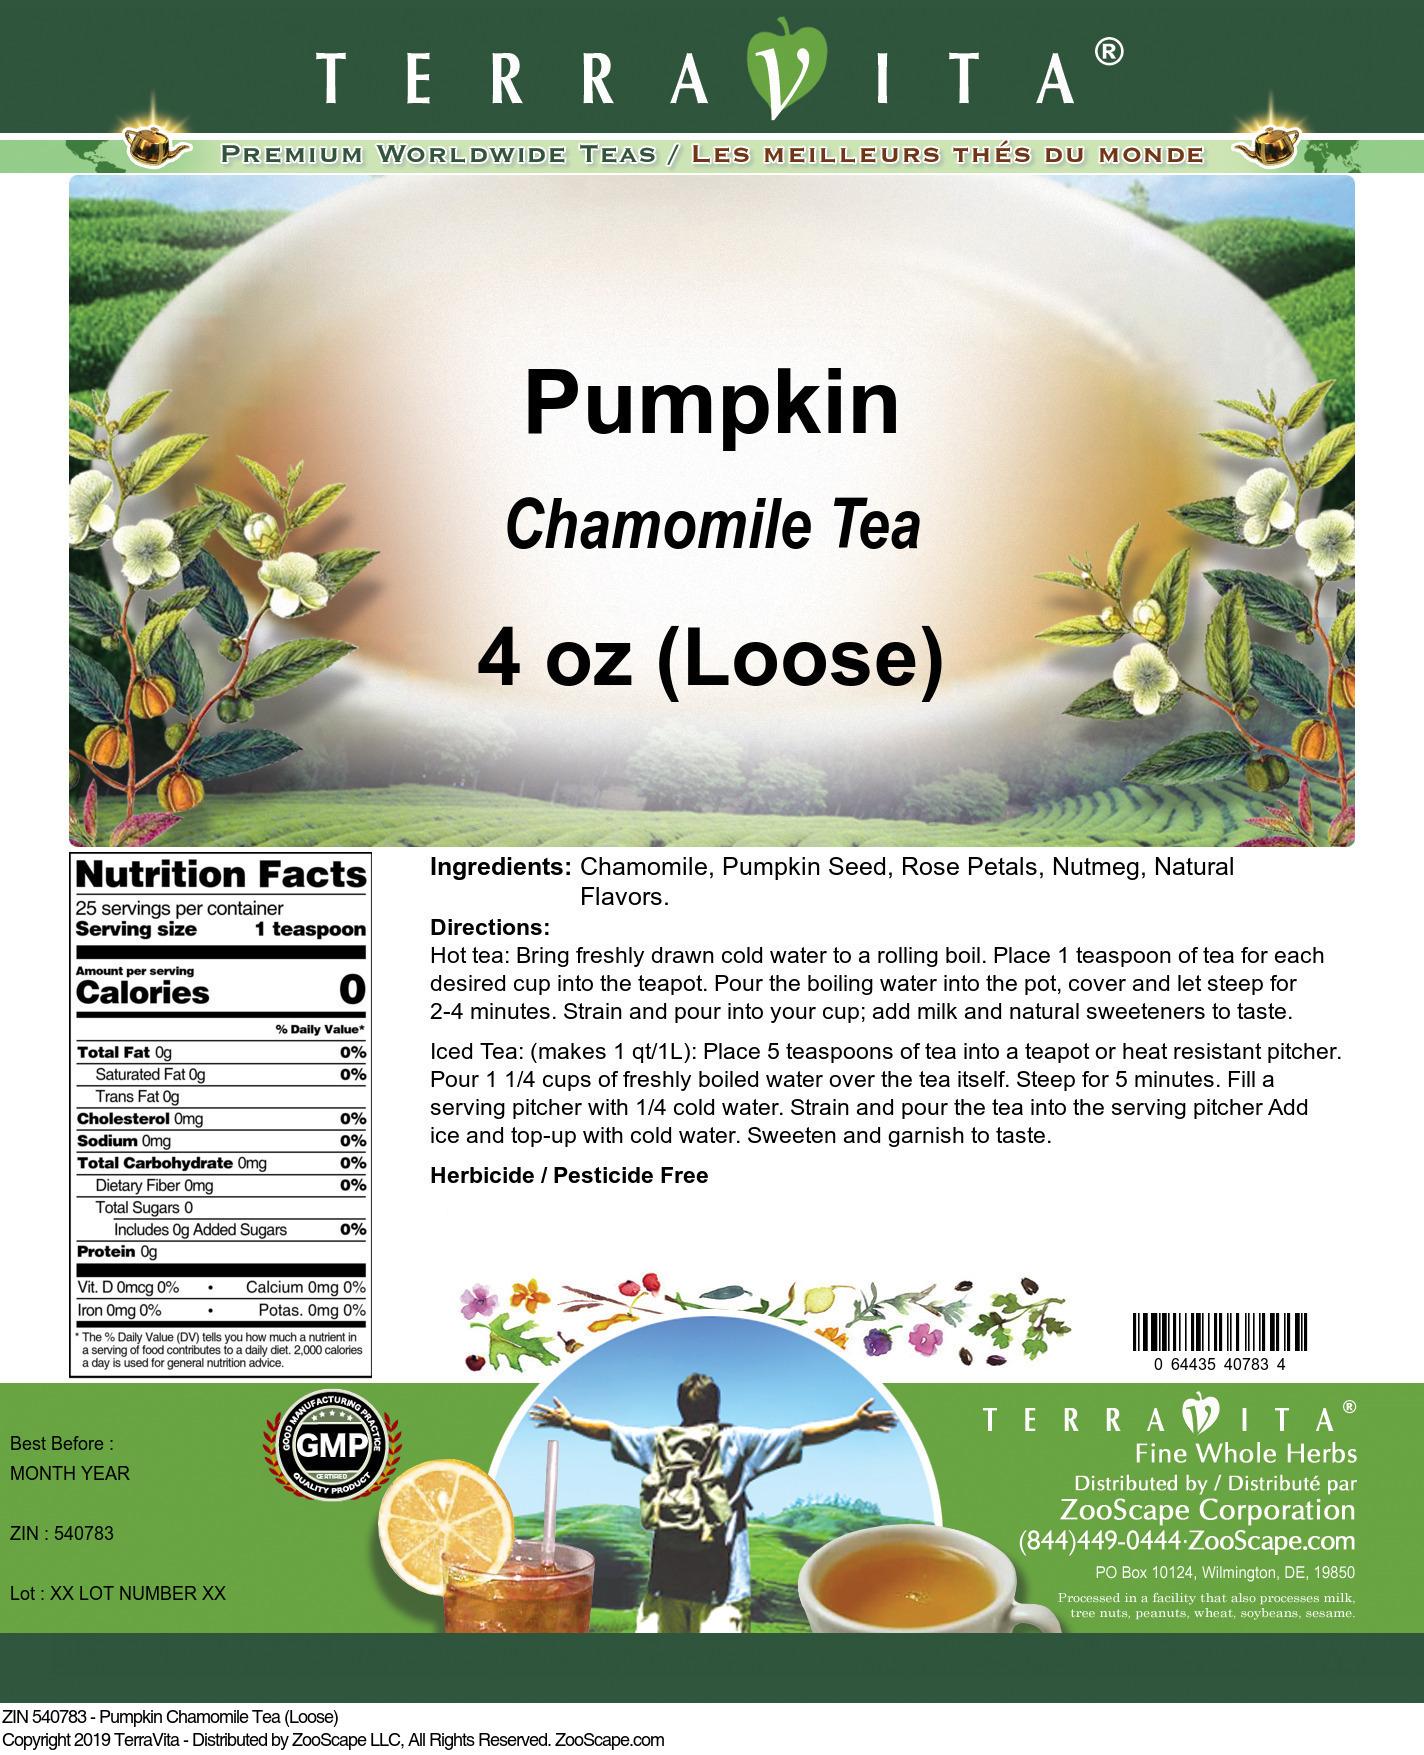 Pumpkin Chamomile Tea